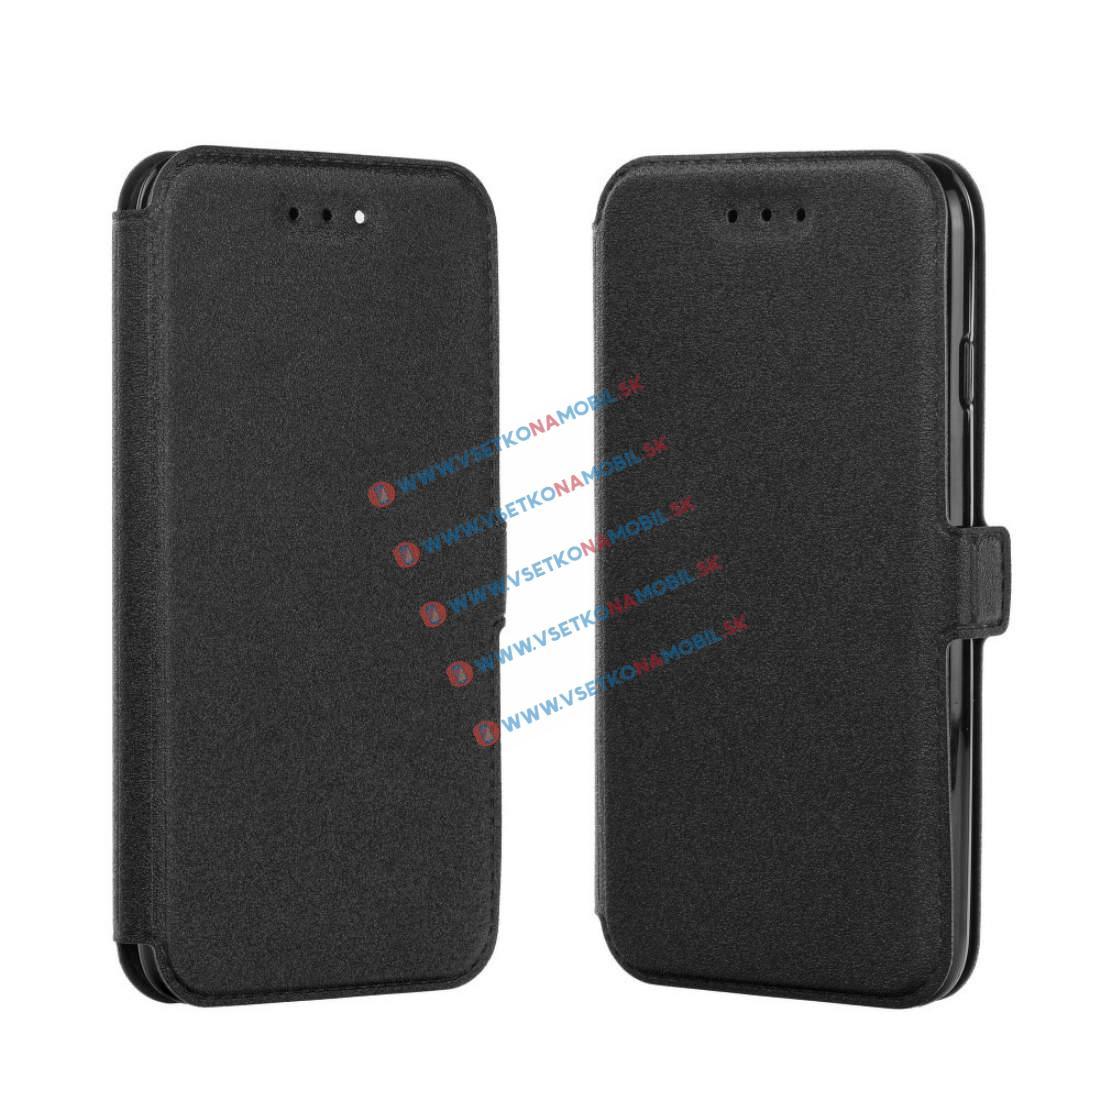 FORCELL SMOOTH Ultratenký flip obal Apple iPhone 5 / 5S / SE černý